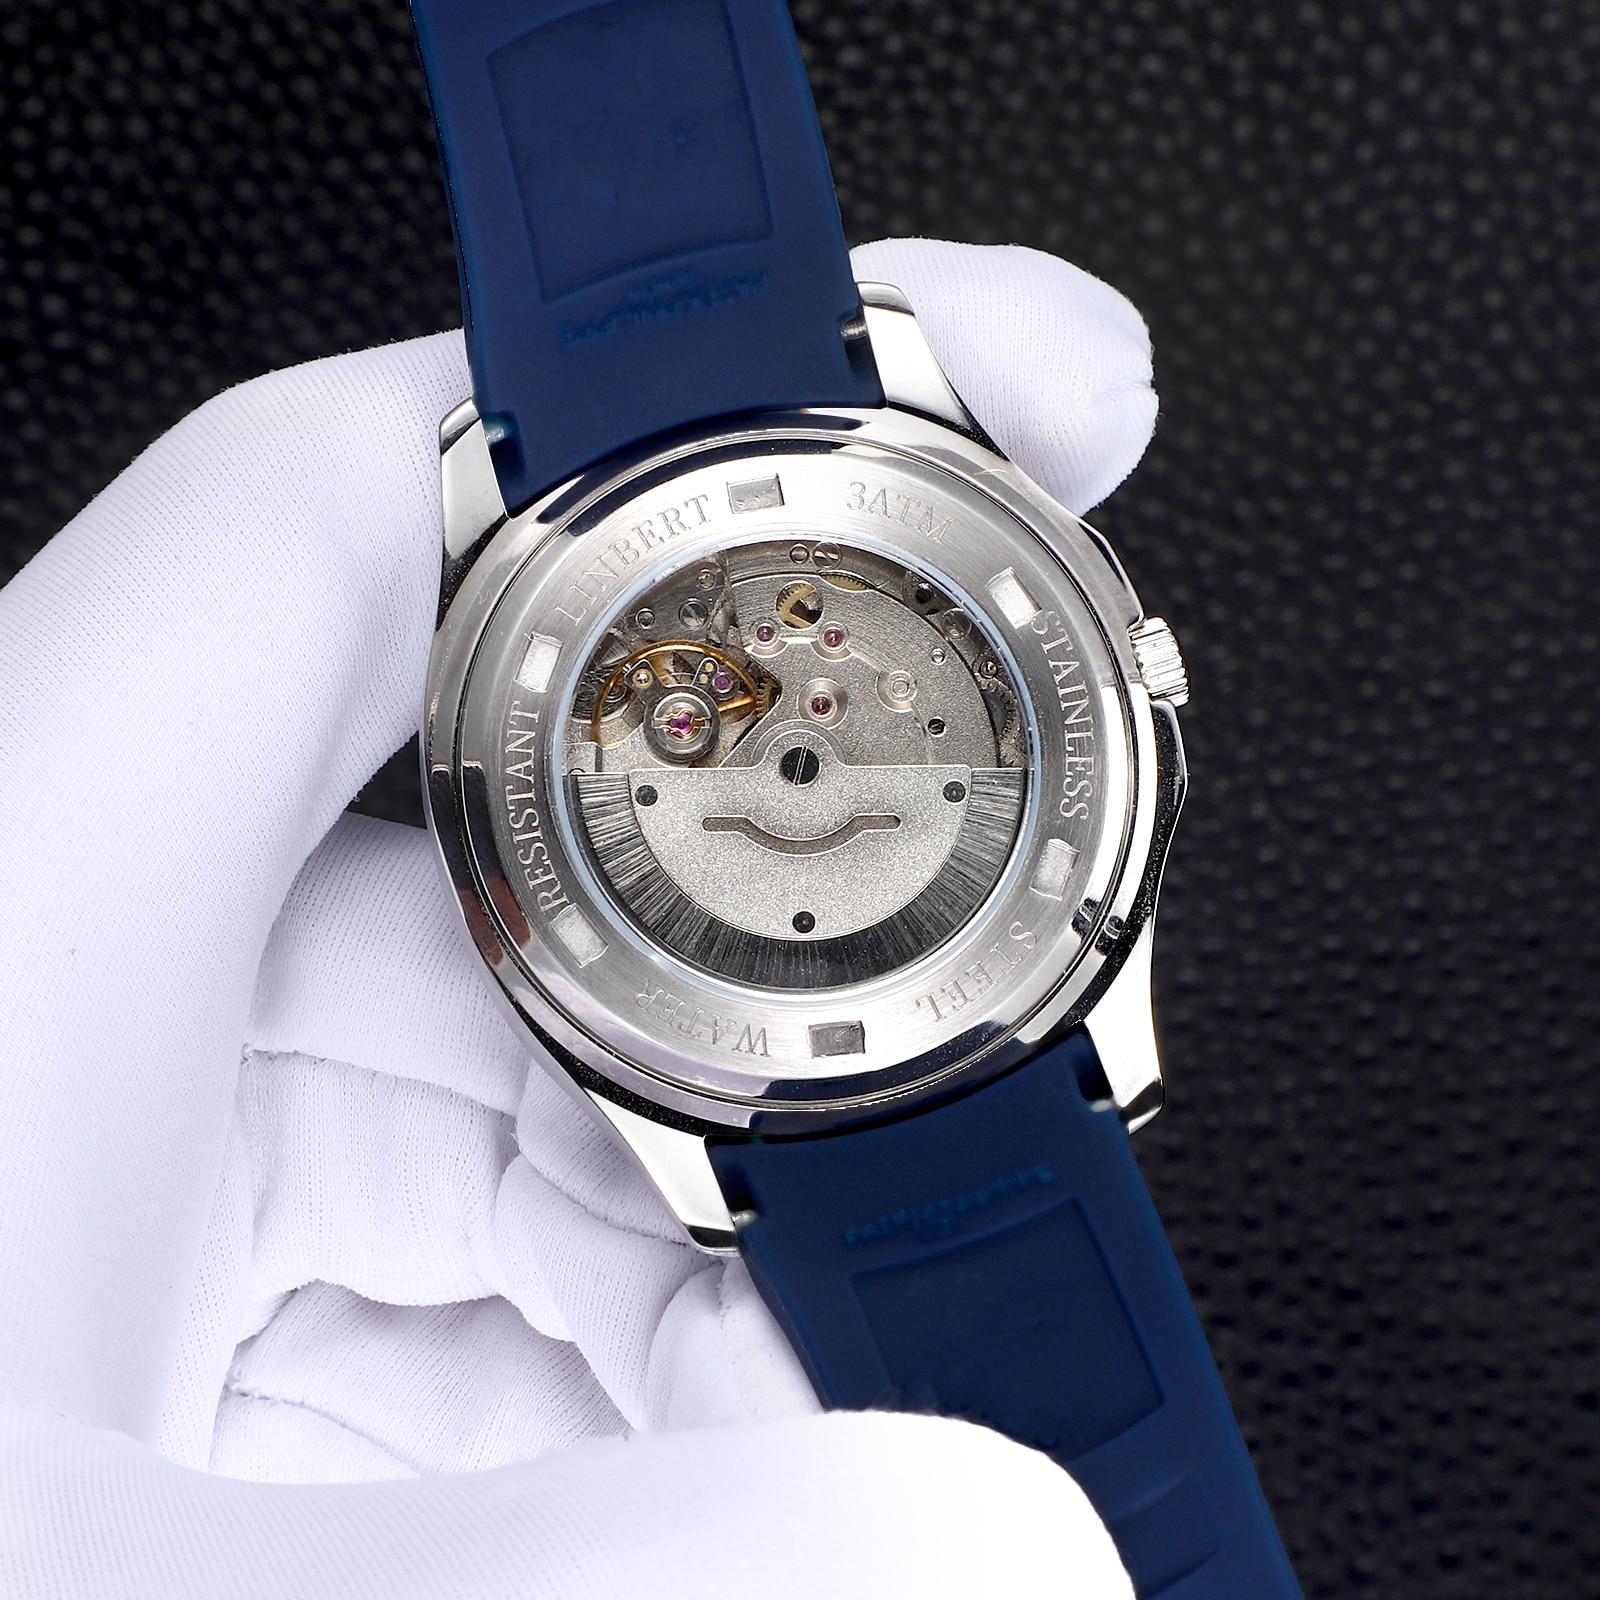 LINBRT Brand Watch Top Luxury Men's Waterproof Luminous Wrist AAA Watch Men's Watch 2021 New Automatic Mechanical Patek Watch enlarge